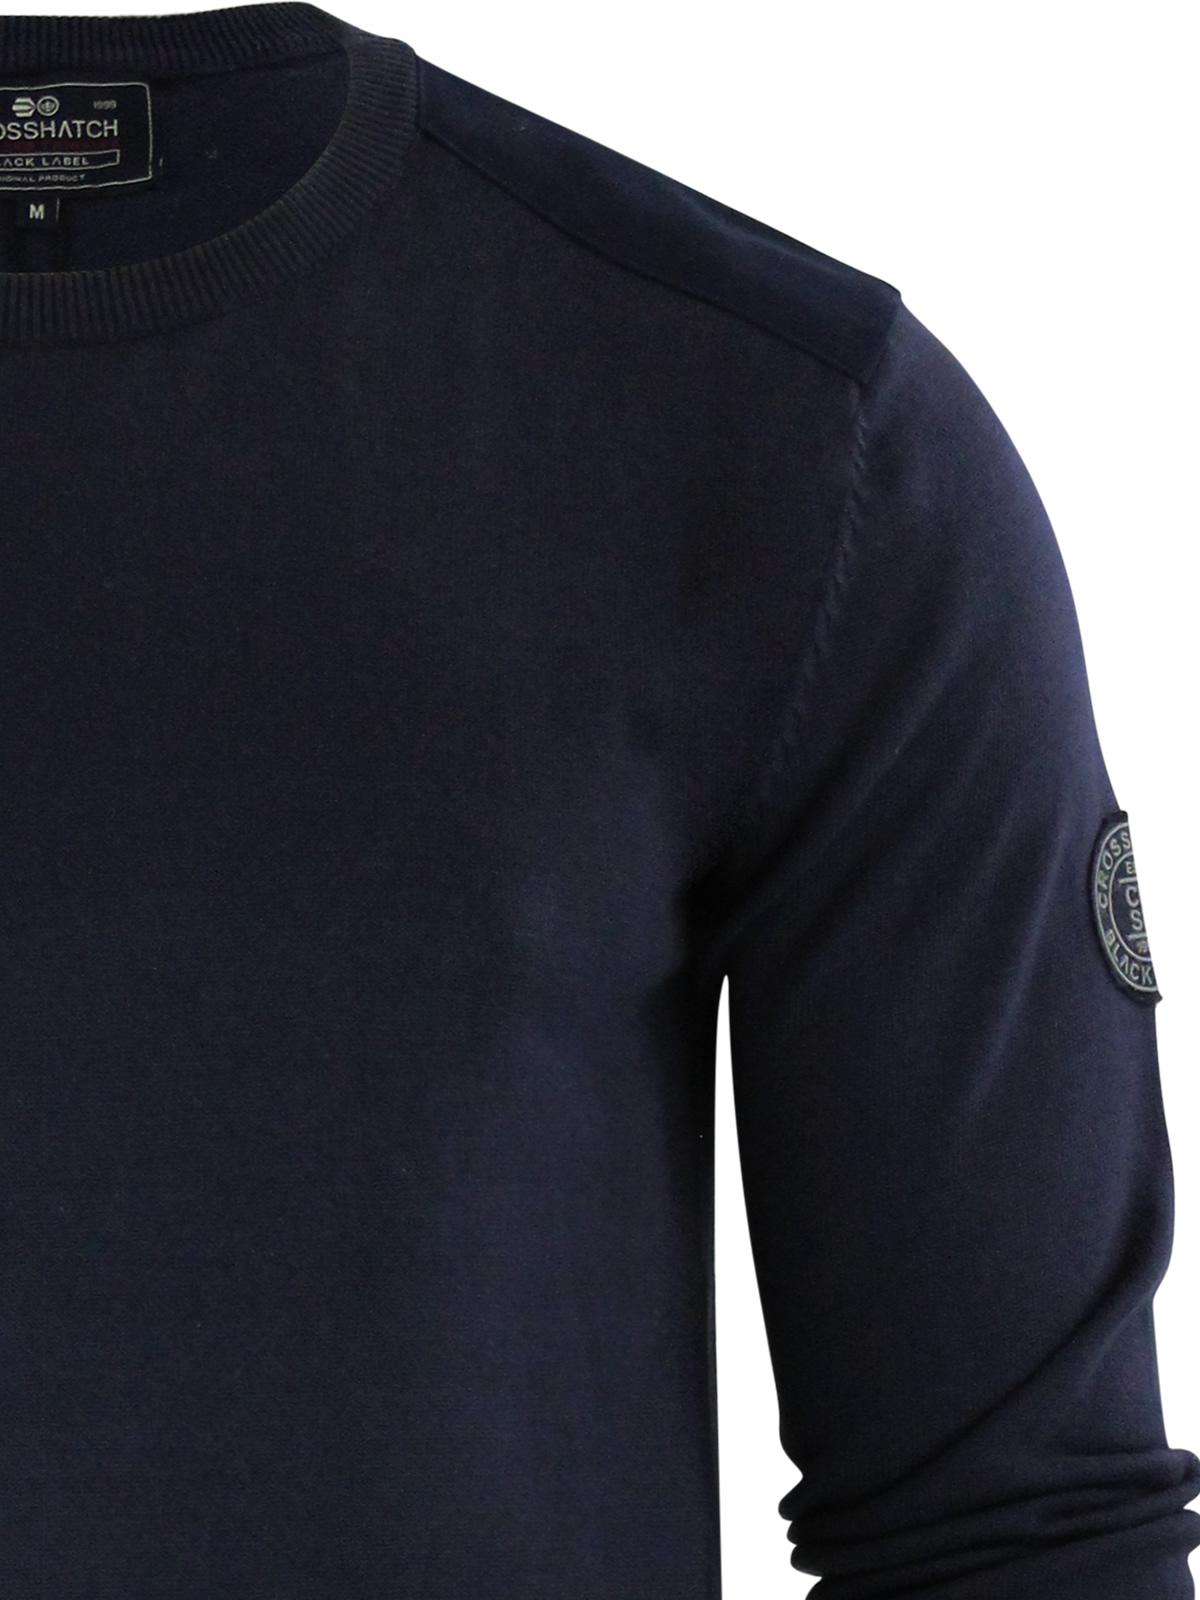 herren-pullover-crosshatch-barrowell-rundhals-strickpullover Indexbild 19